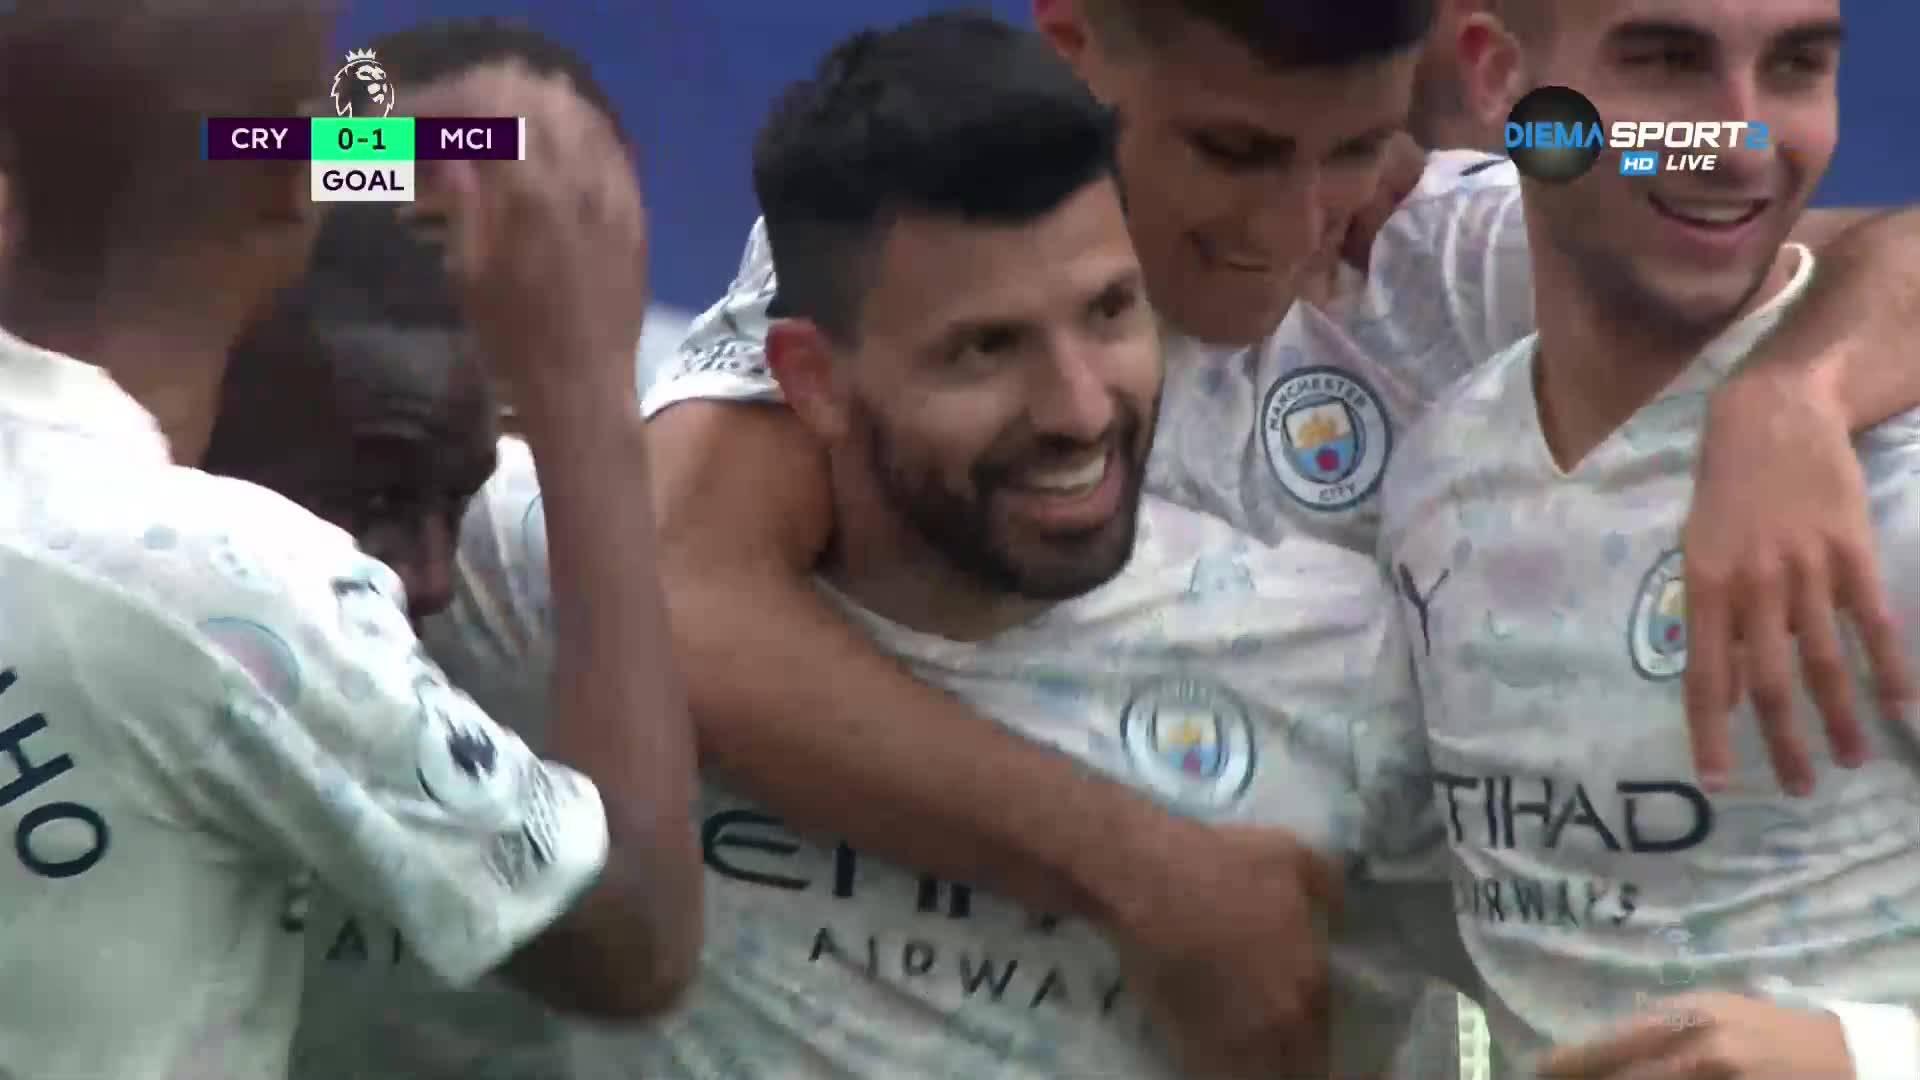 Феноменален Агуеро изведе Ман Сити напред в резултата срещу Палас